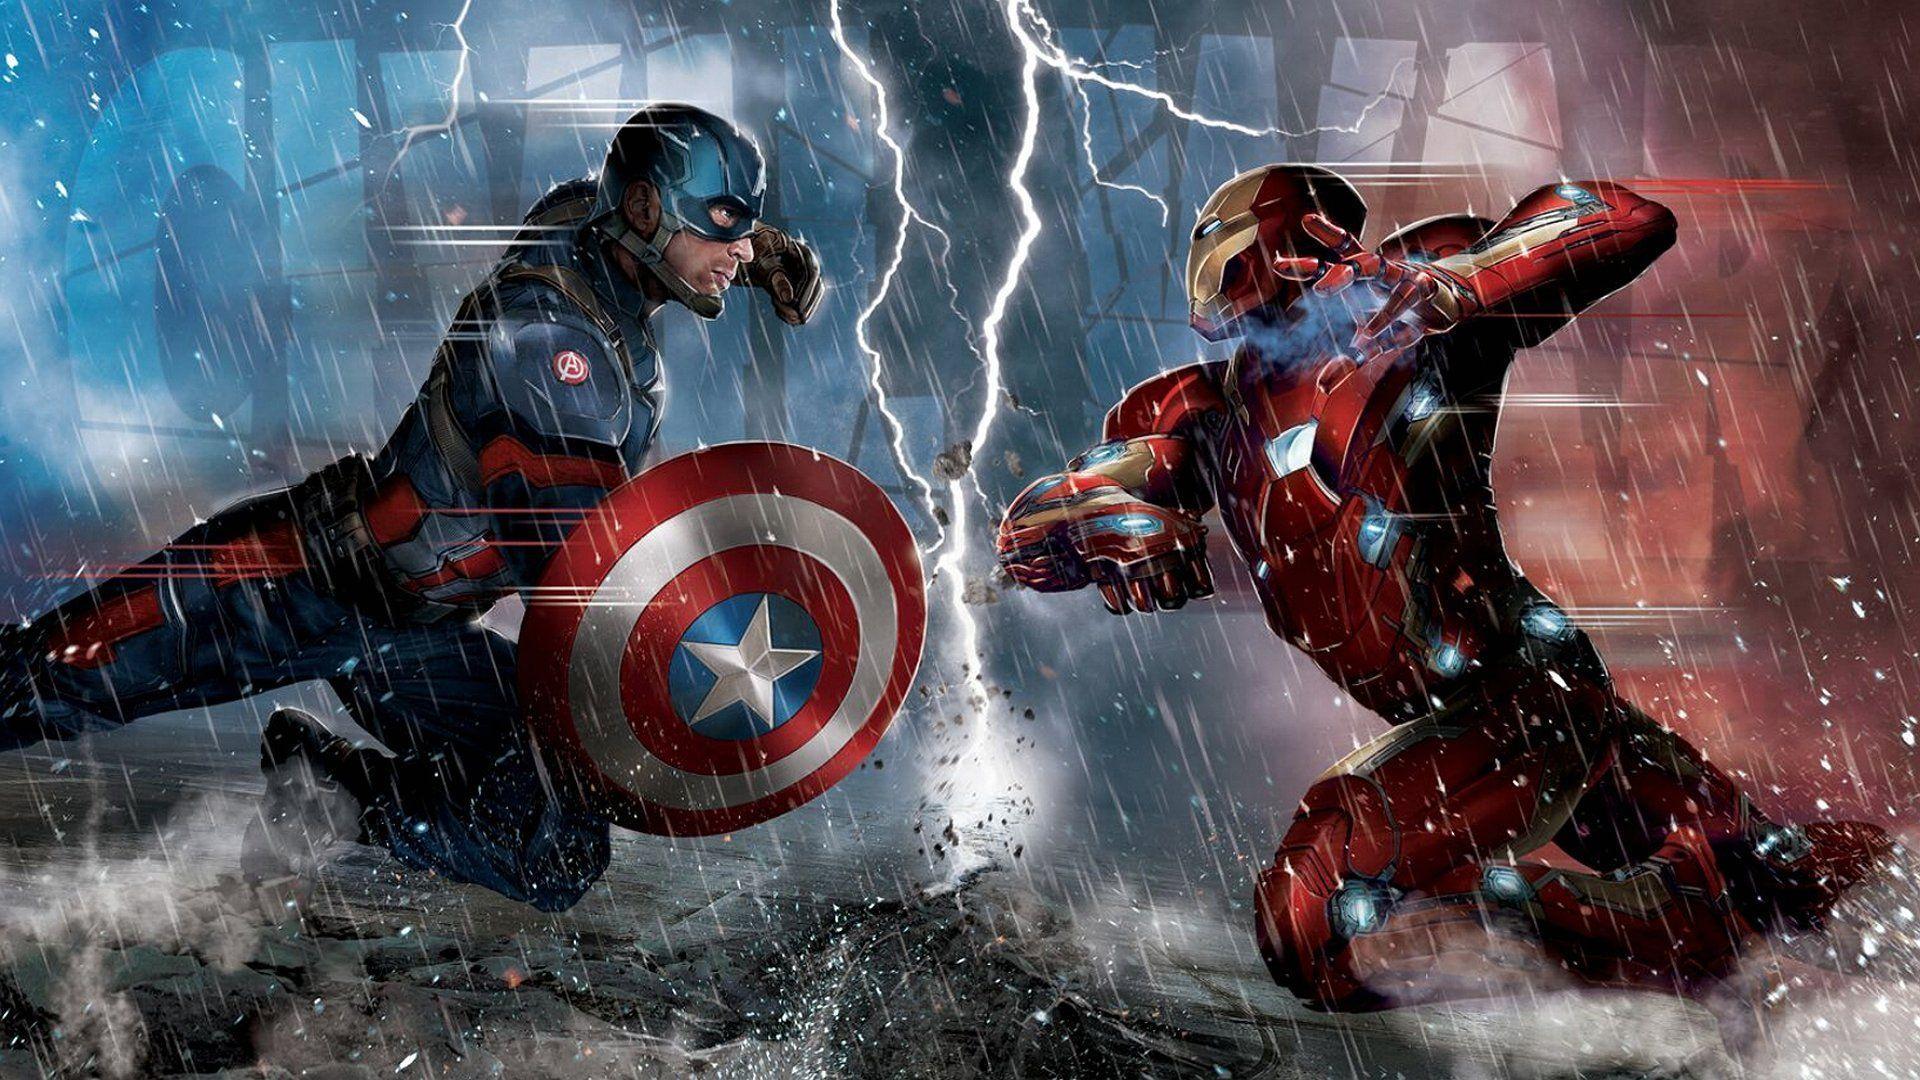 Marvel Movies Desktop Wallpaper